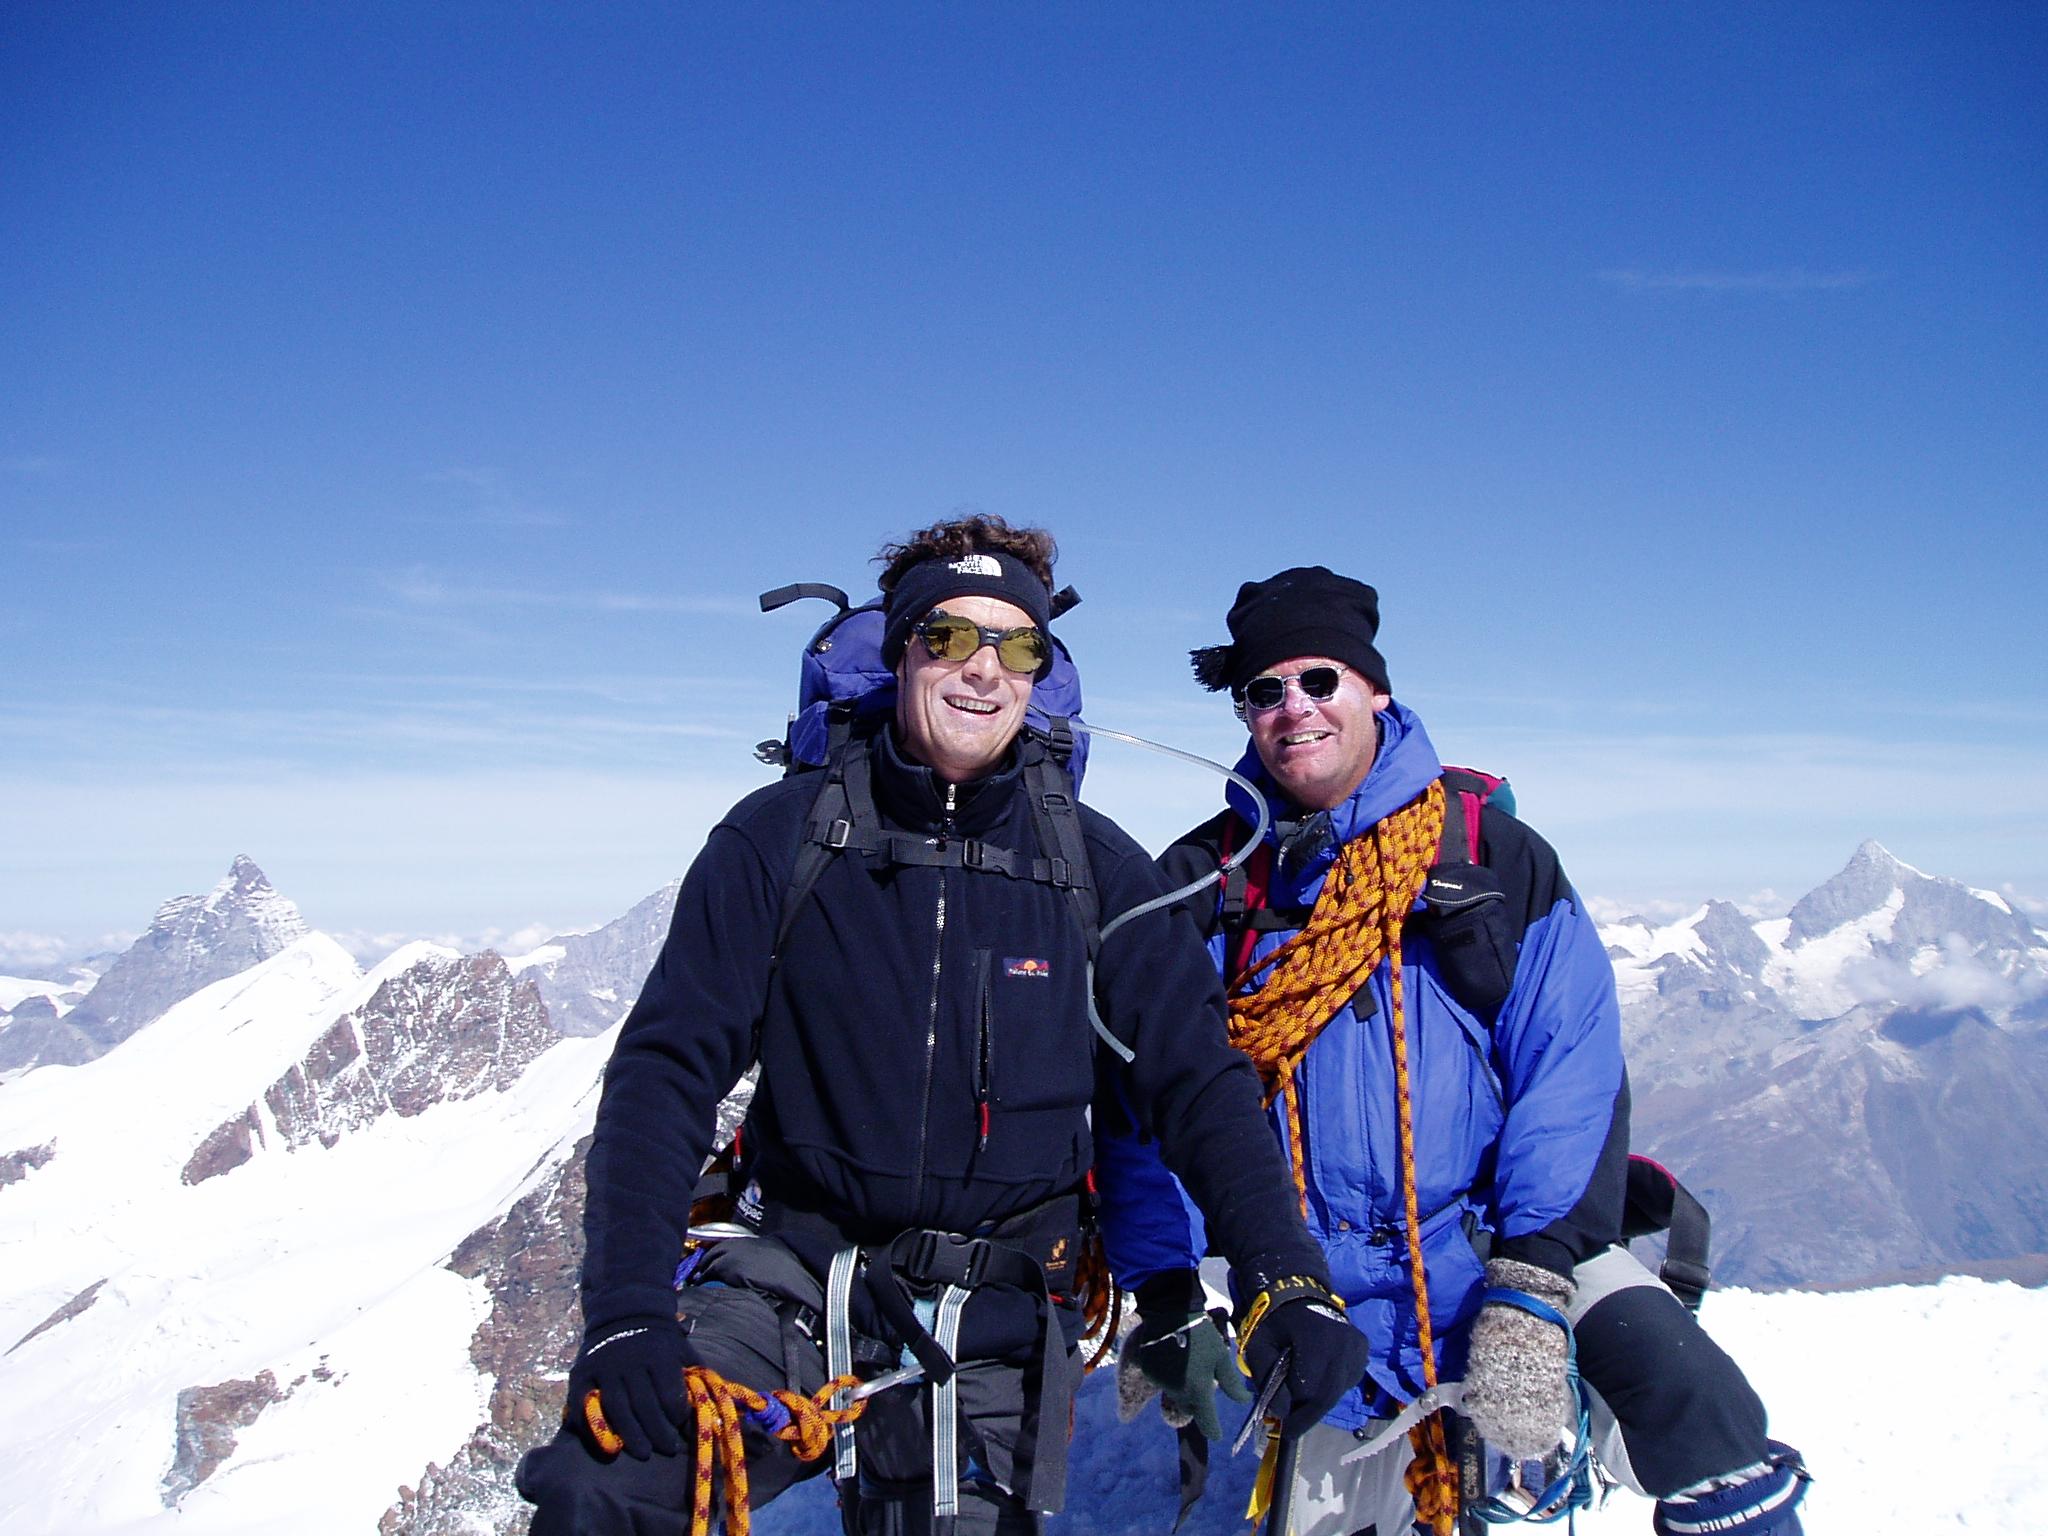 Kees en Maarten op de top van de Castor